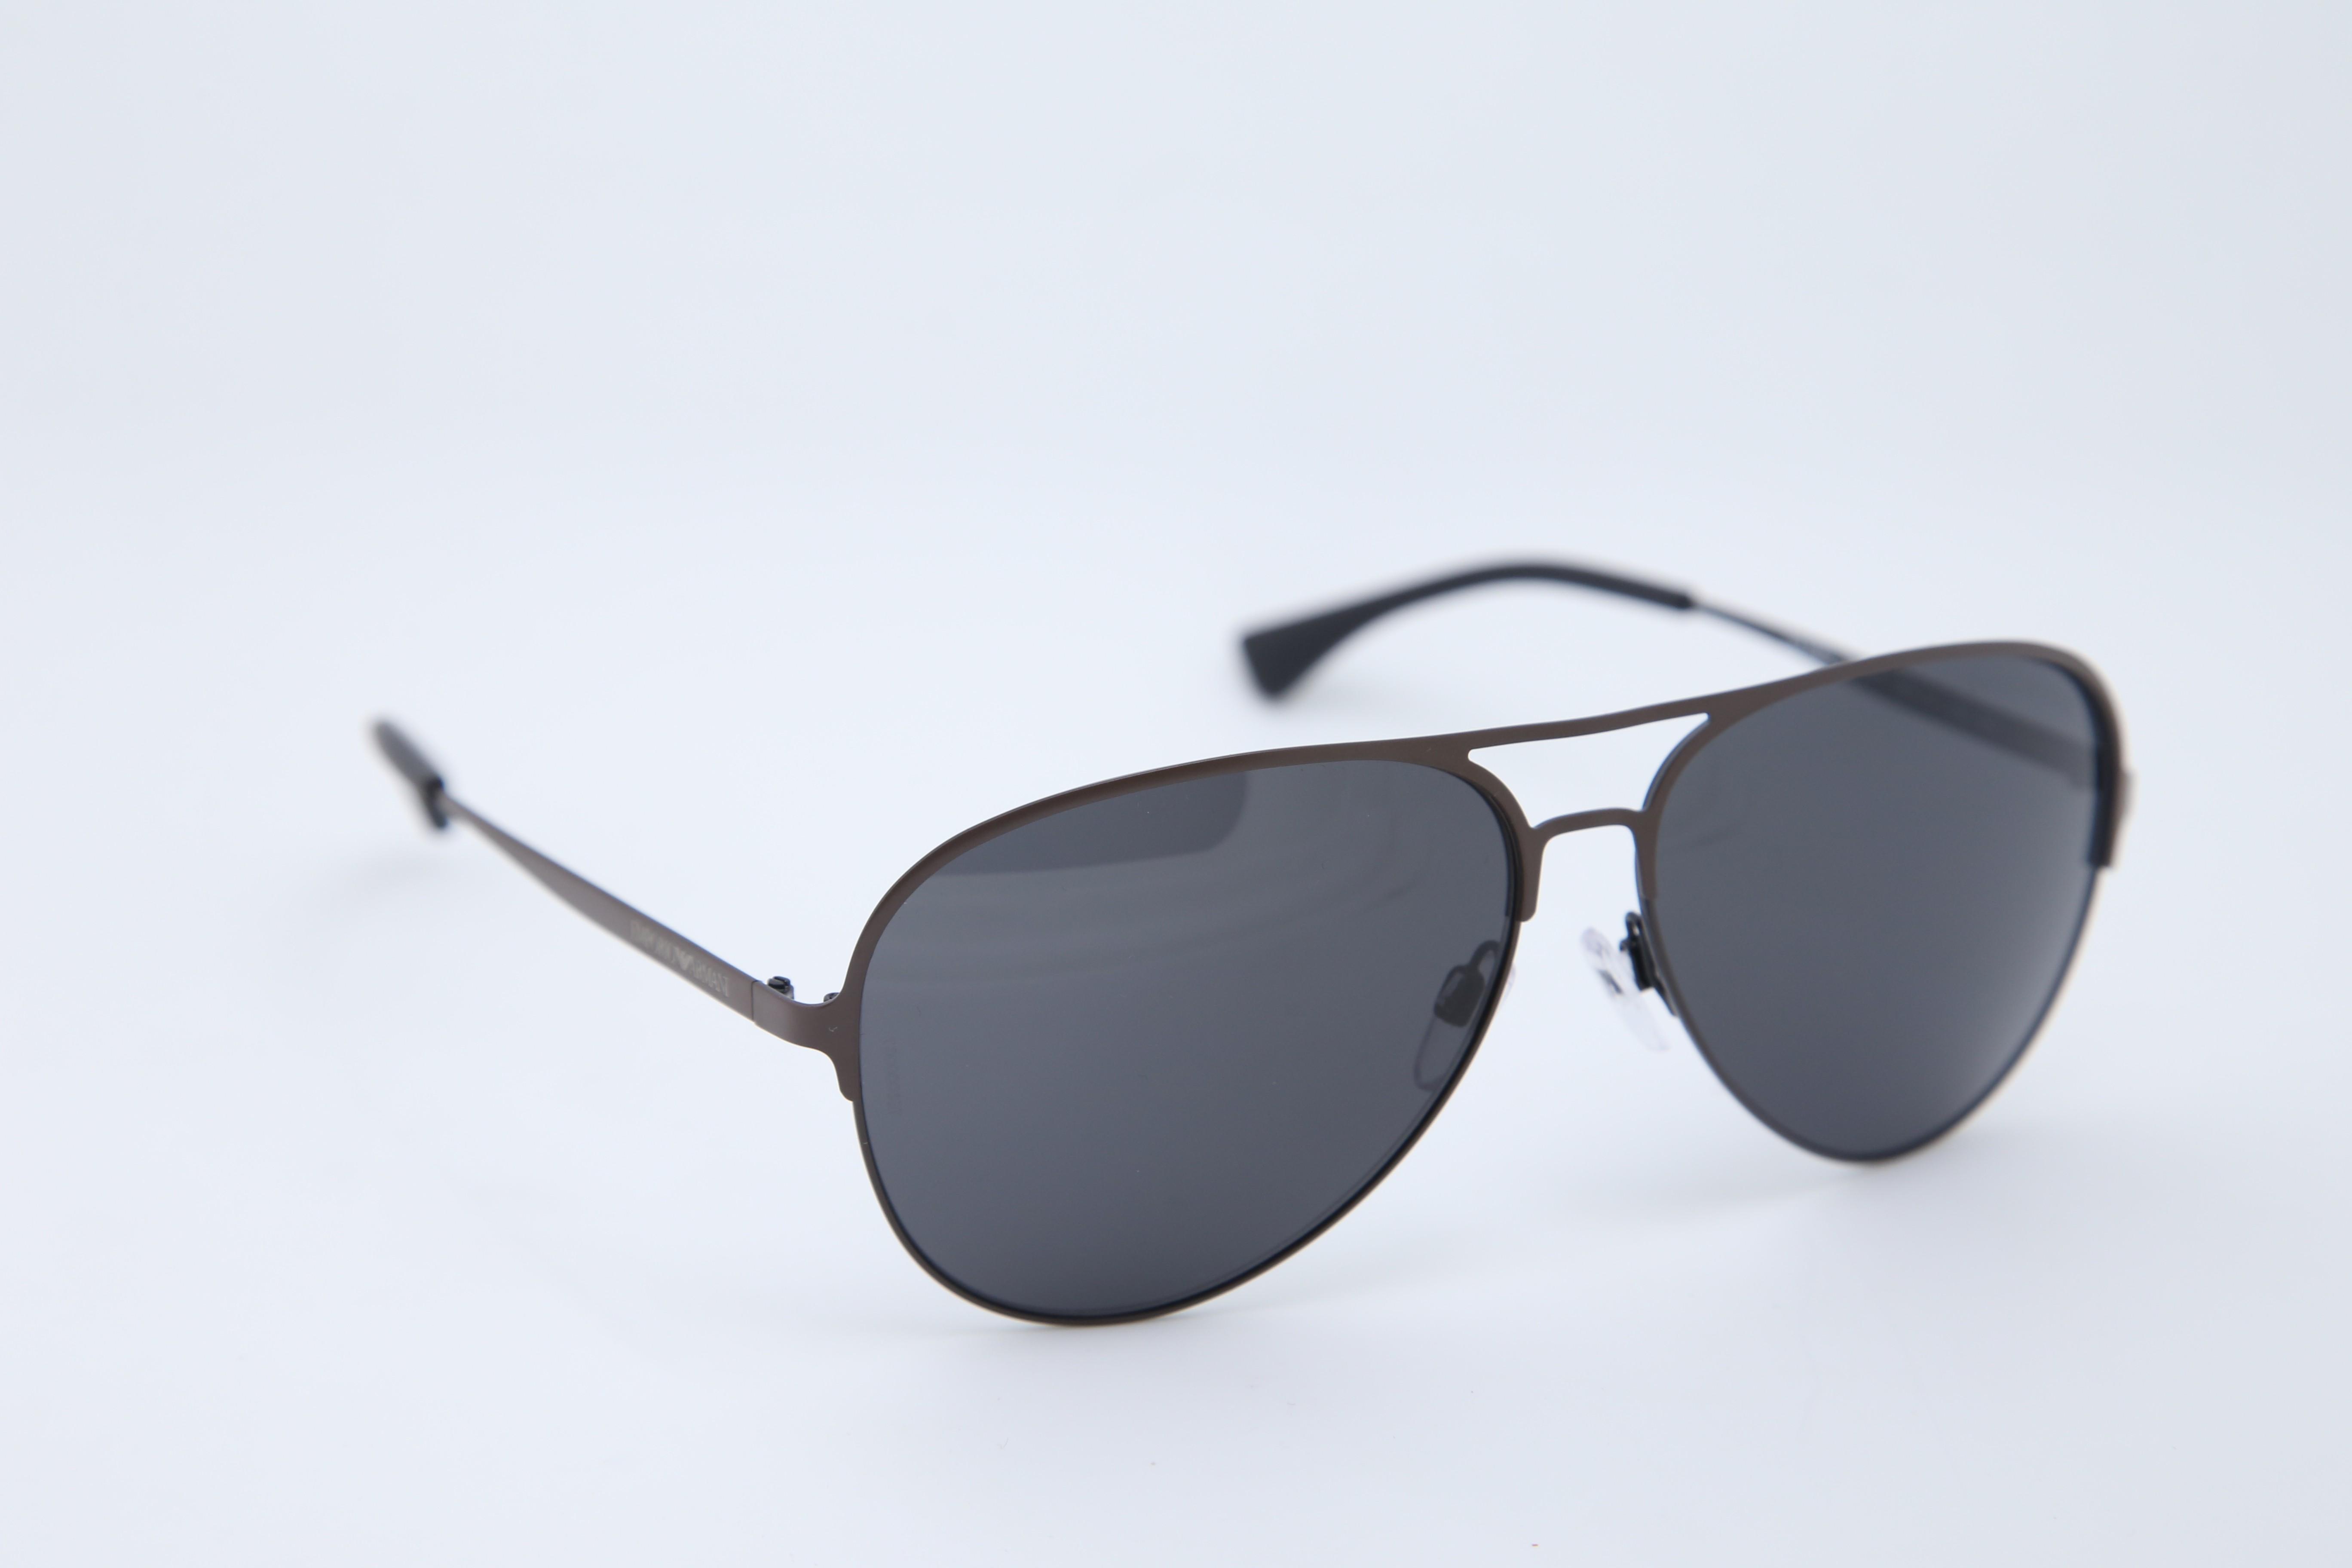 emporio armani 0ea2032 aviator sunglasses for men price in